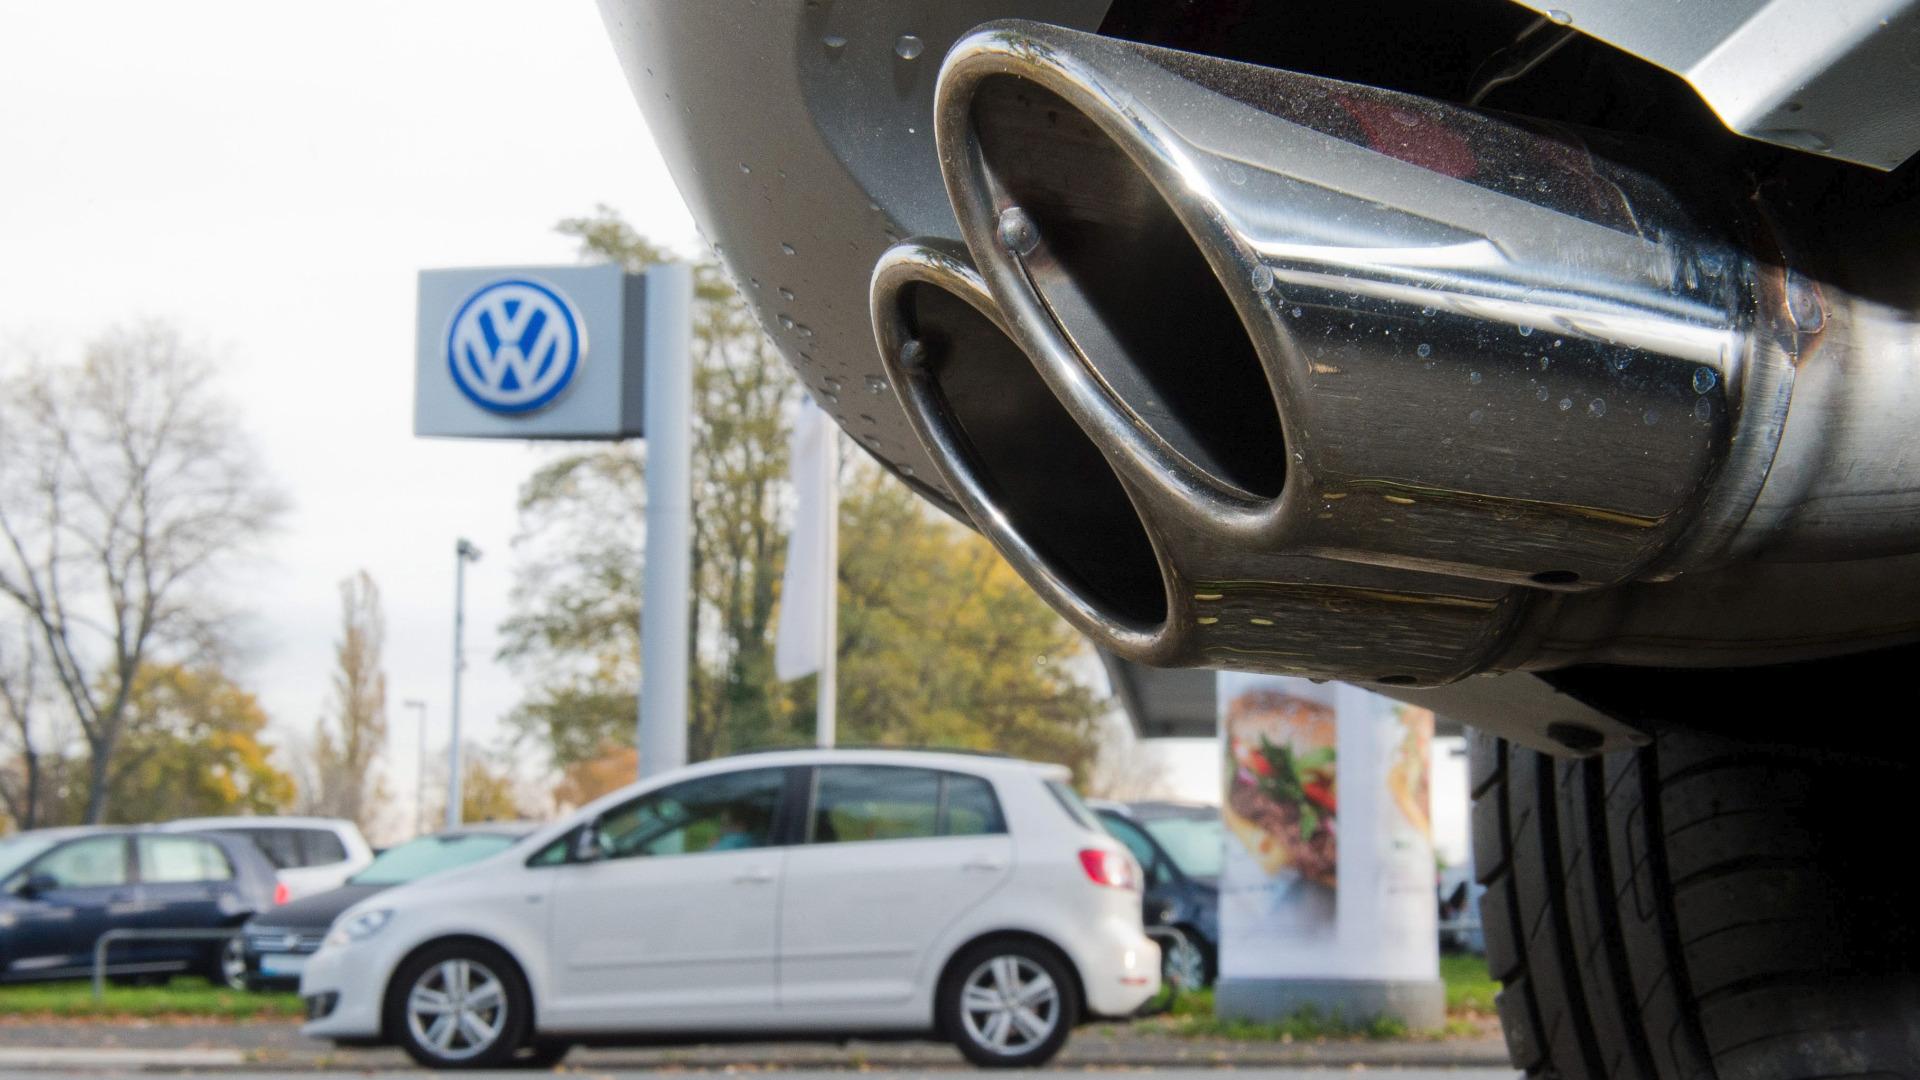 Движението на превозни средства със стари дизели двигатели ще бъде забранено по две натоварени пътни артерии на Хамбург.